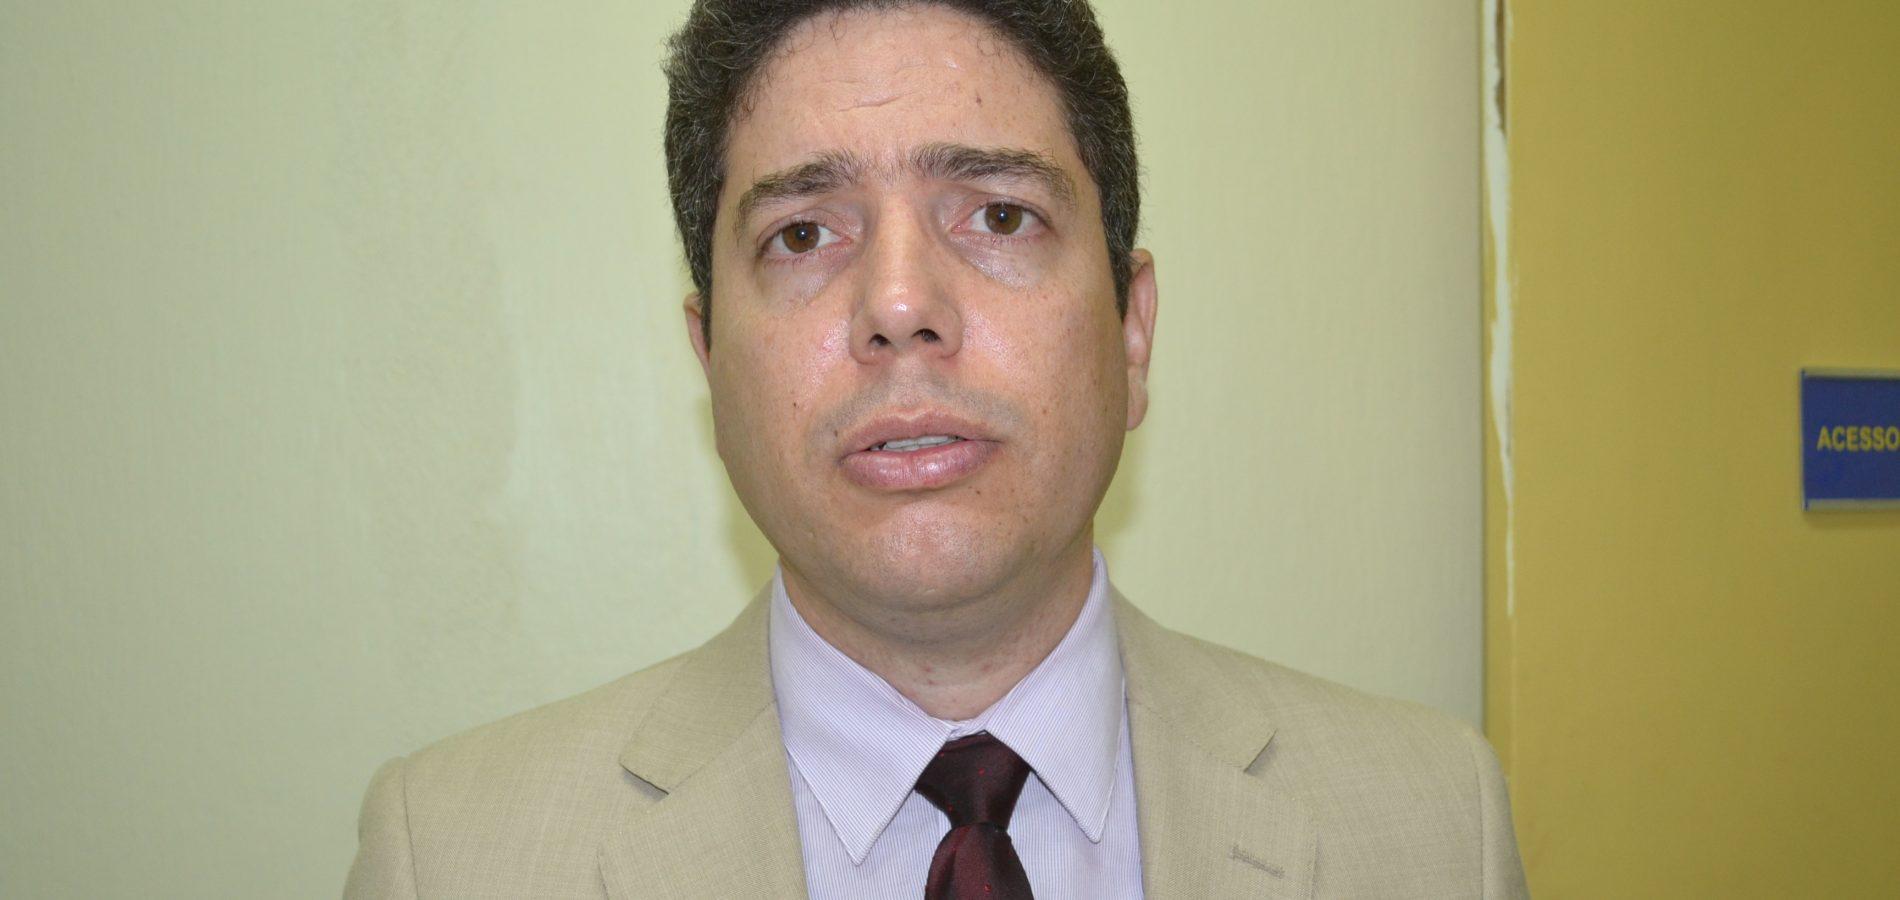 Juiz nomeia 448 mesários para atuarem nas eleições em Jaicós e mais três municípios; veja a lista